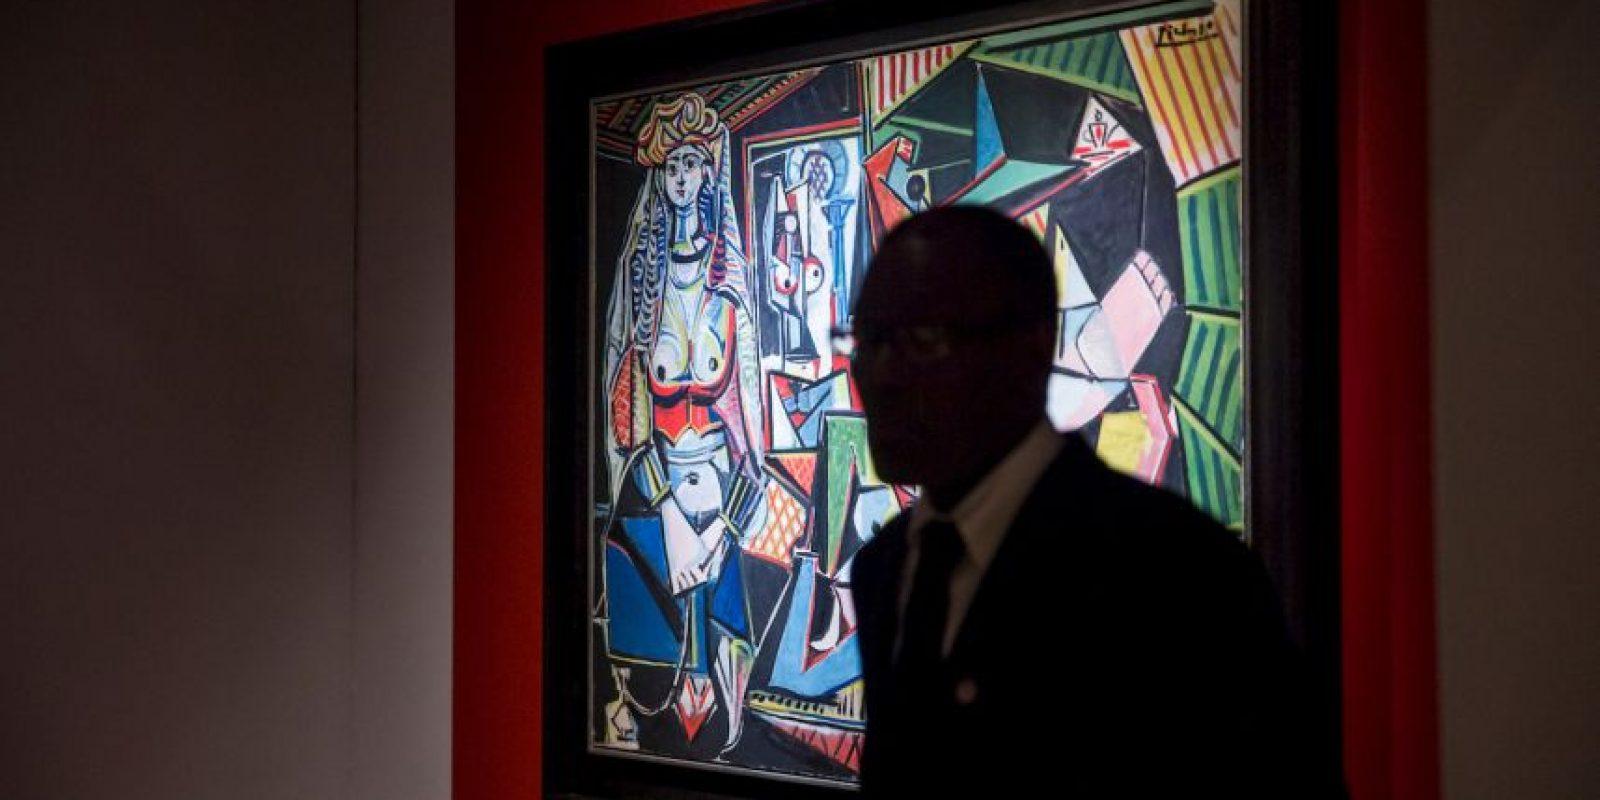 La obra del español Pablo Picasso se vendió en mayo de 2015 por 179.36 millones de dólares. Foto:Getty Images